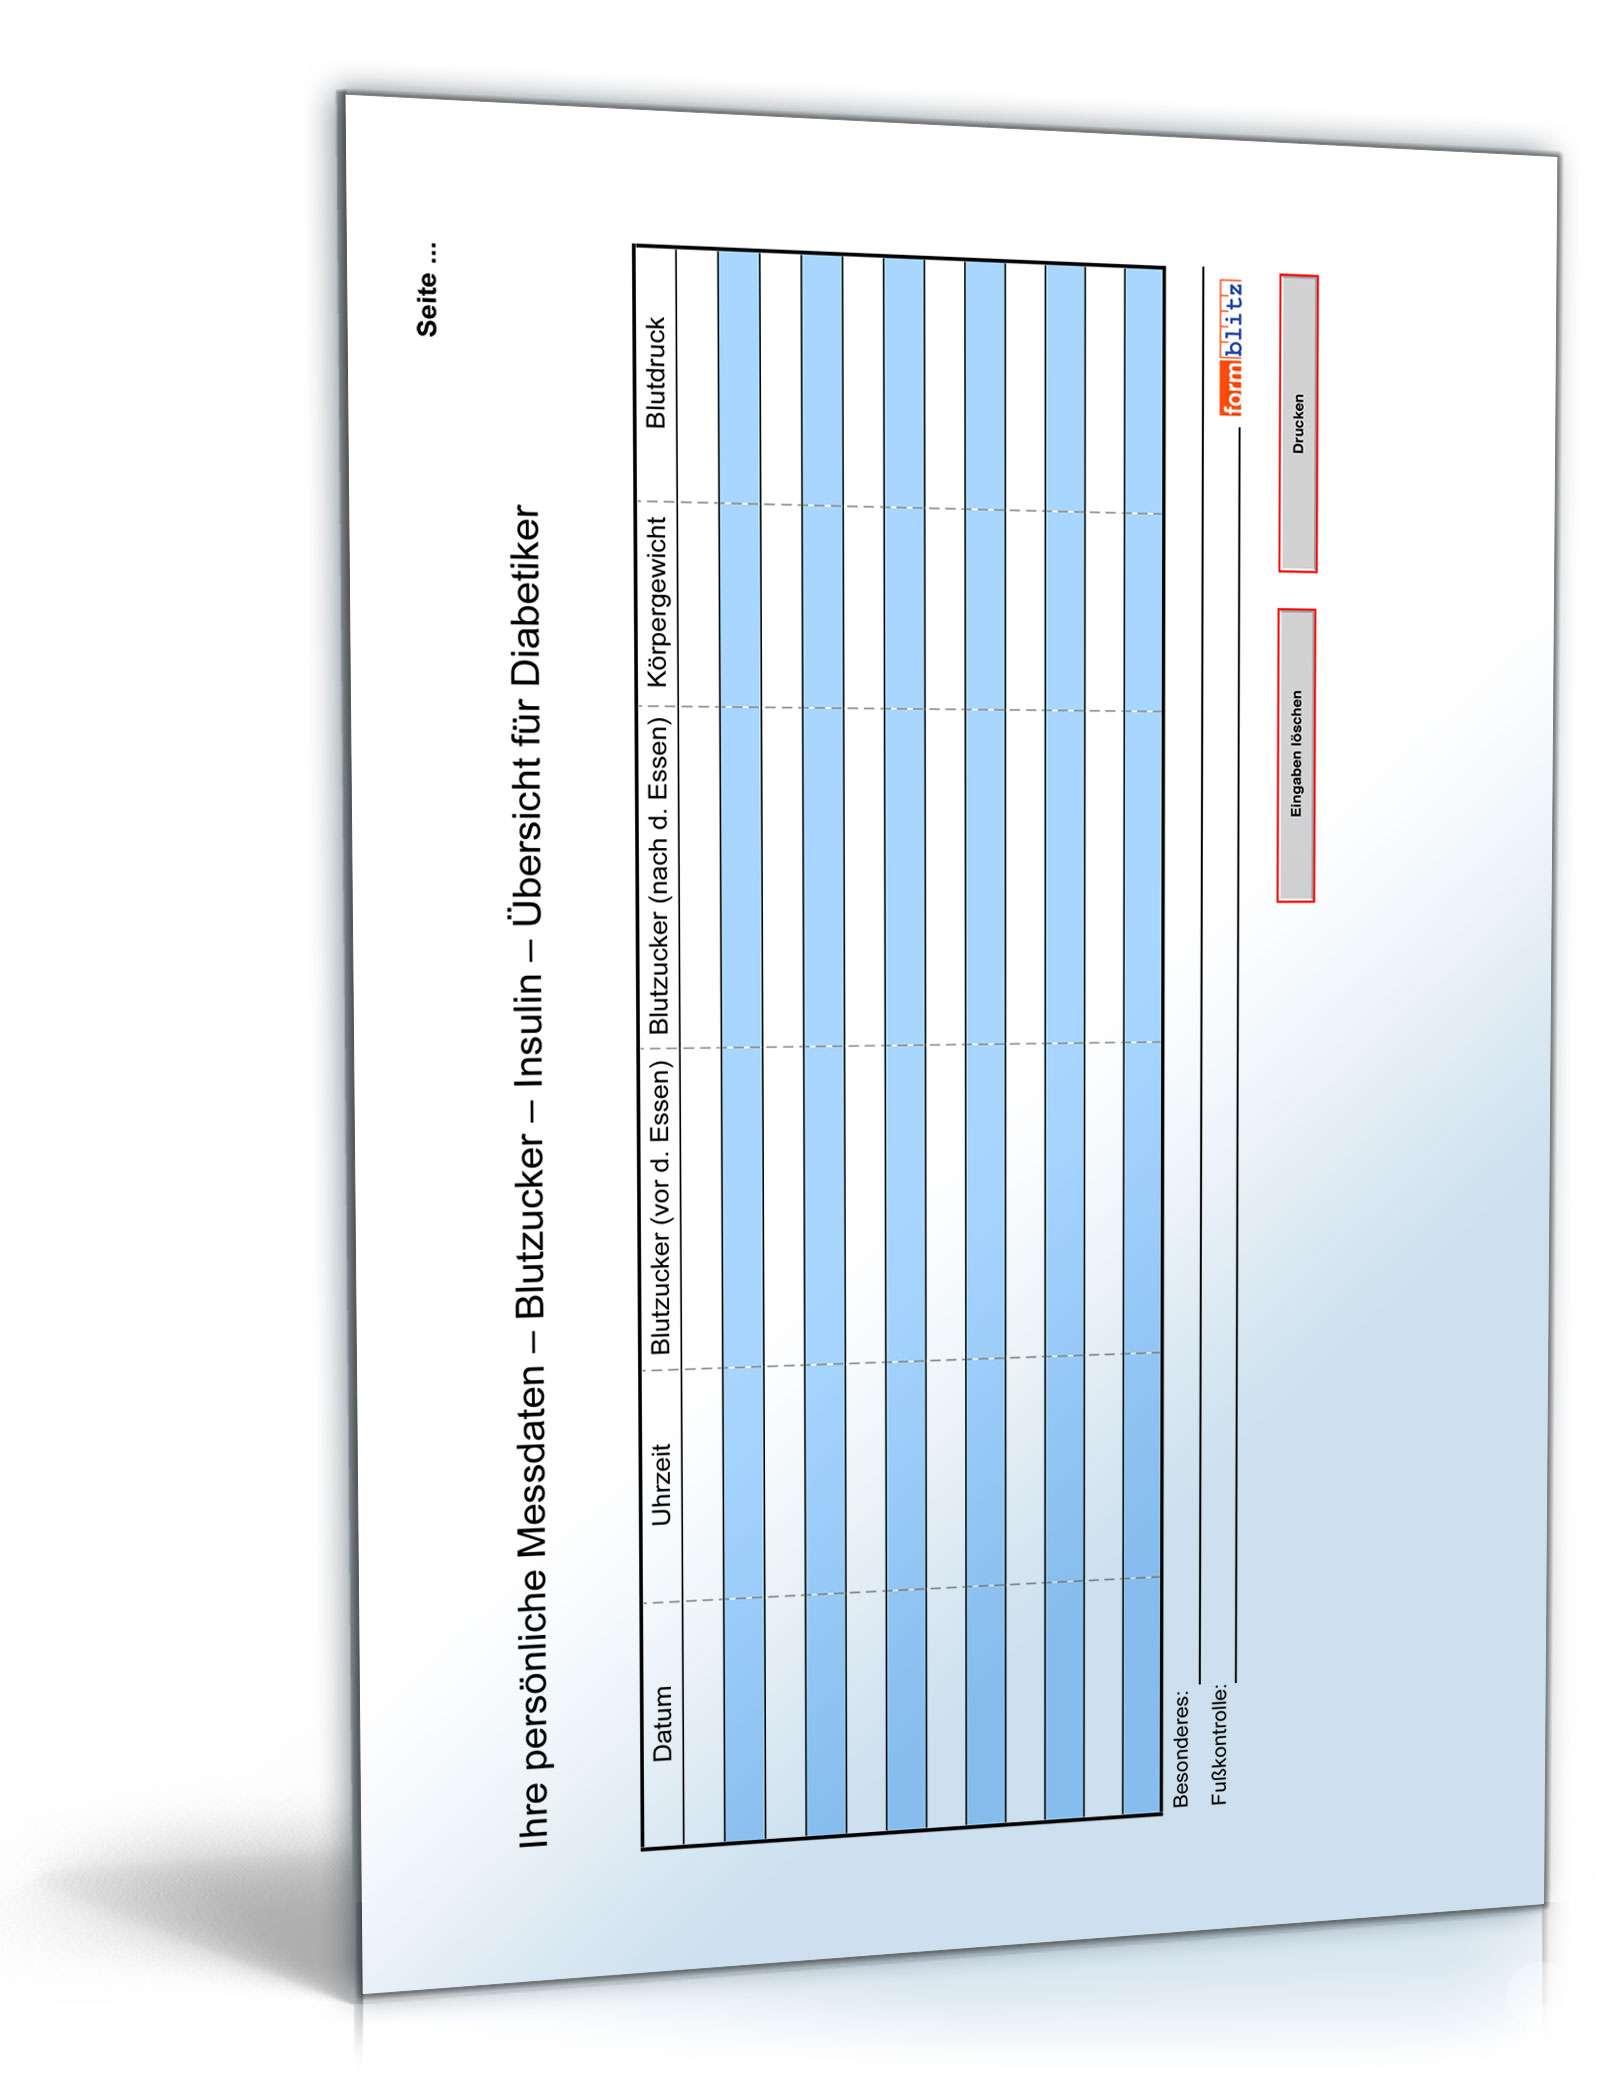 Diabetiker-Tagebuch - Tabelle zum Download